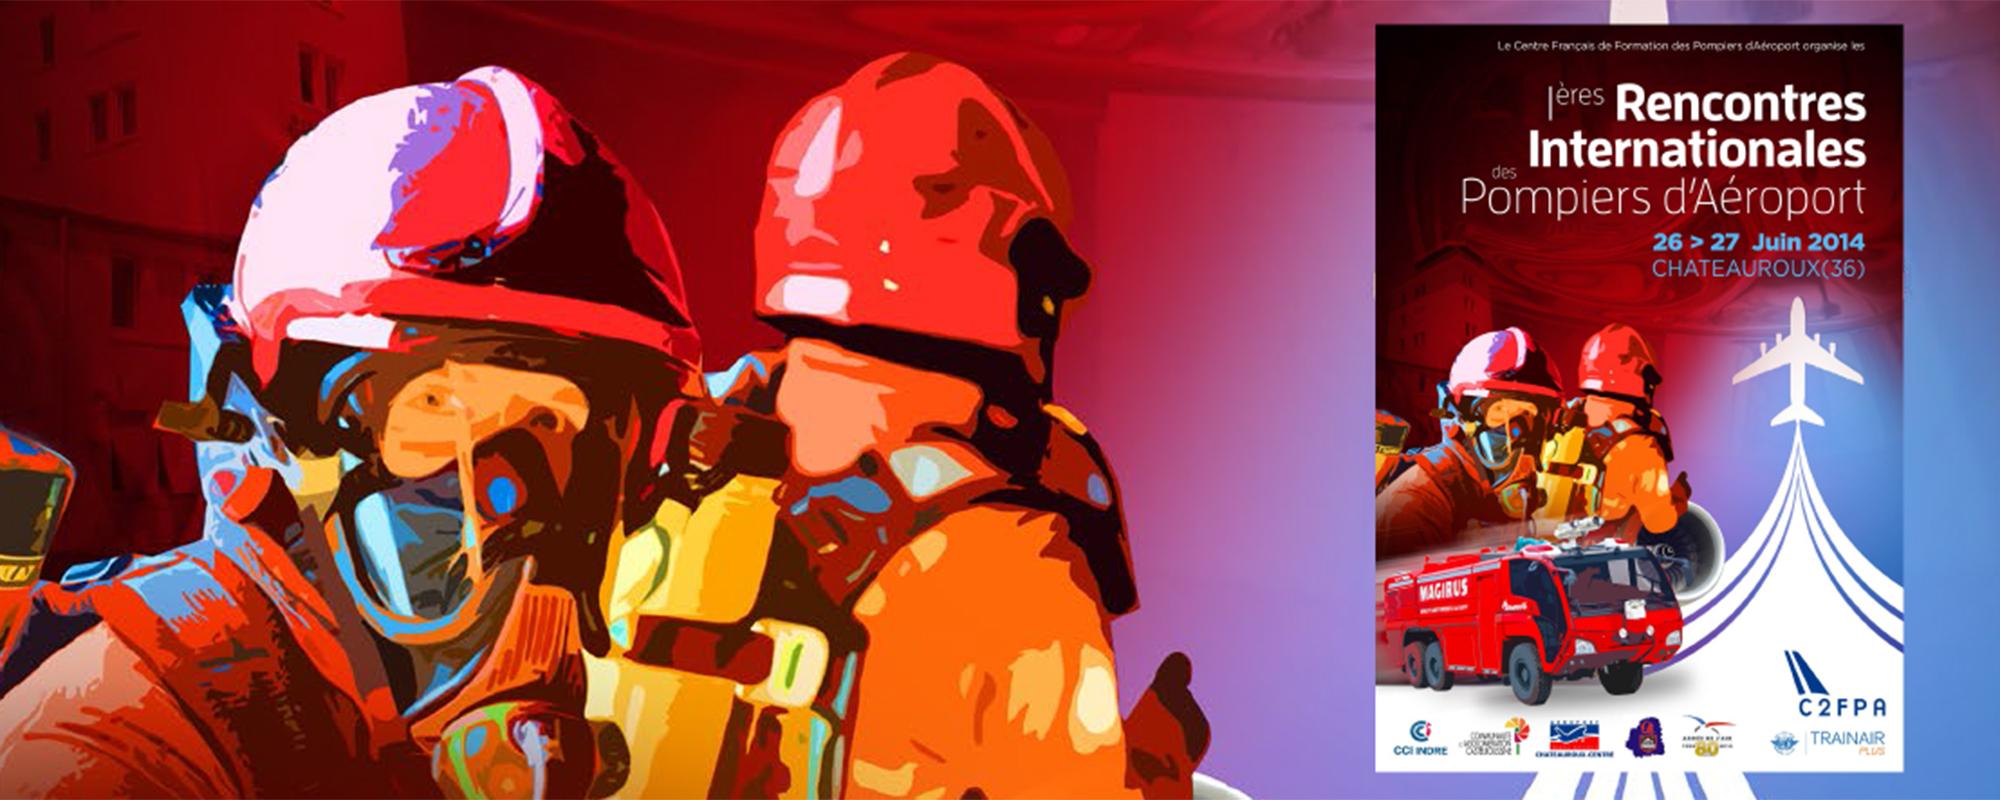 Site de rencontres de pompiers